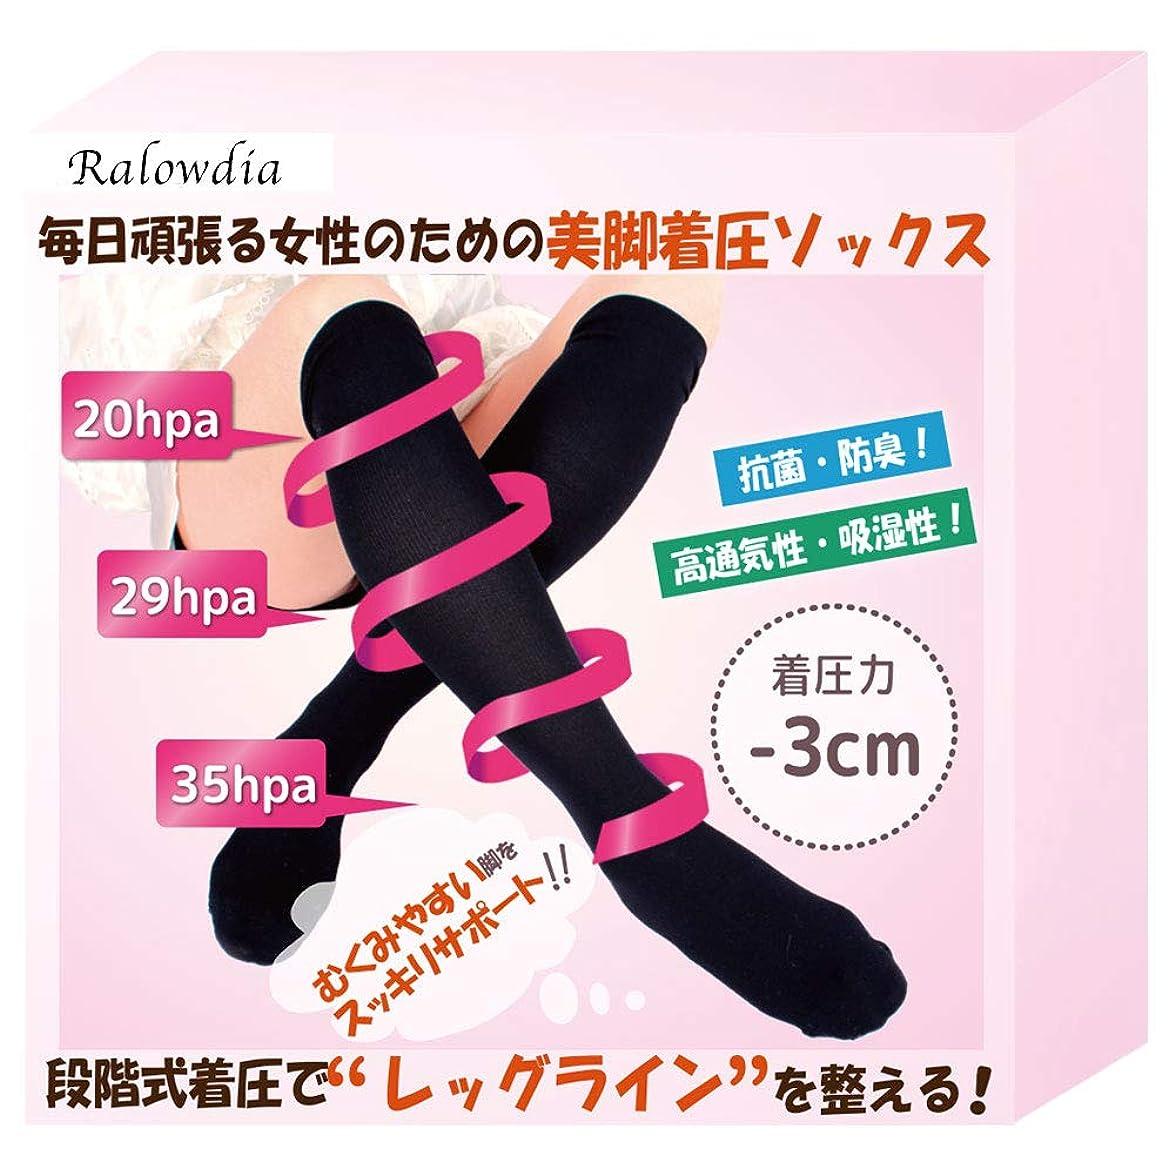 聖域表現経験的着圧ソックス 美脚 加圧 靴下 妊婦 むくみ リンパ フライト 就寝時に 「Ralowdia」